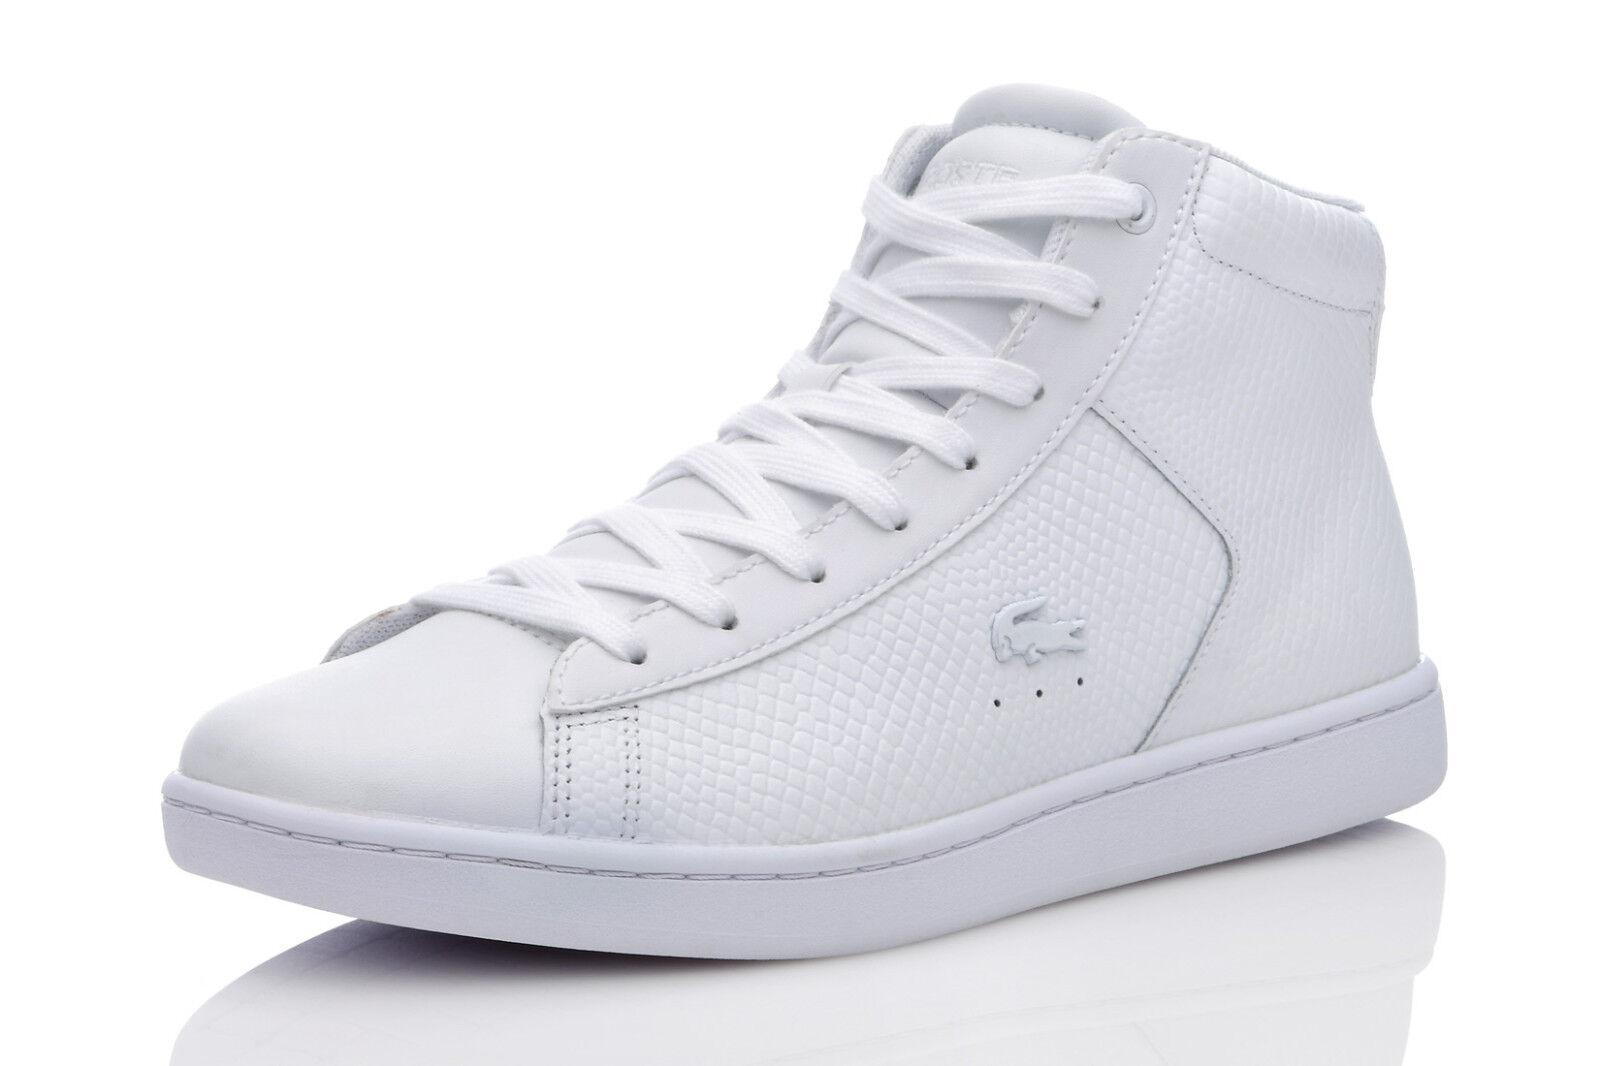 Lacoste Damen Evo Sneaker Schuhe